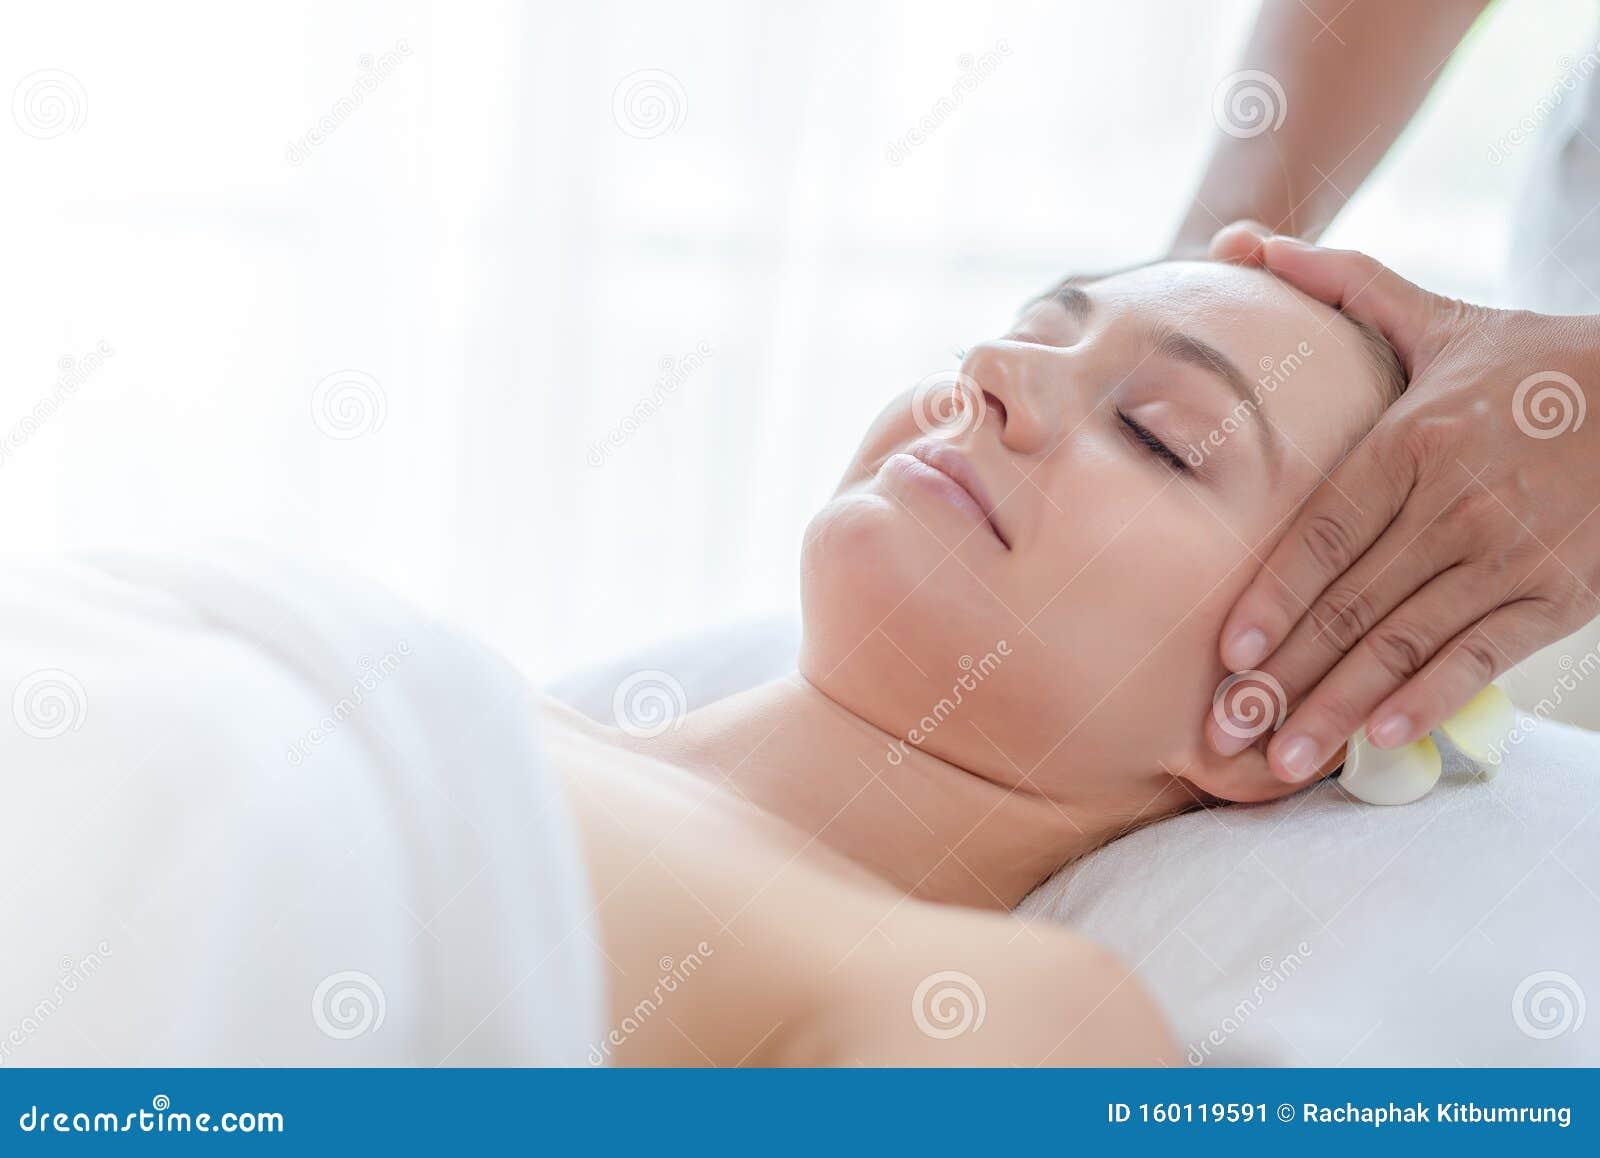 женщины с помощью массажера